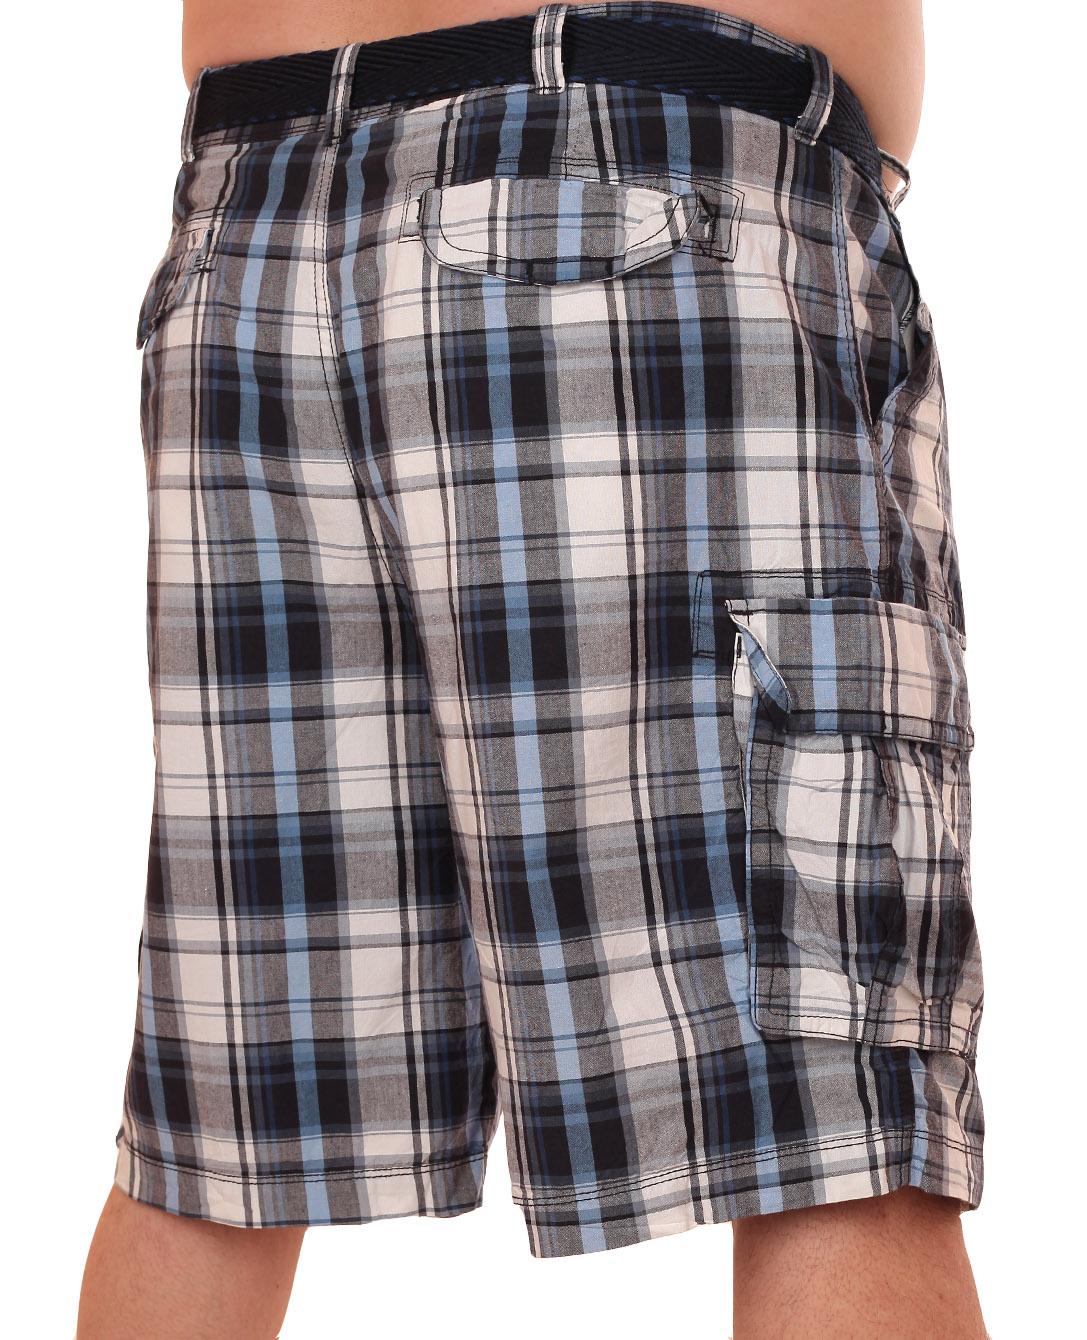 Клетчатые шорты баталы | Купить шорты баталы недорого